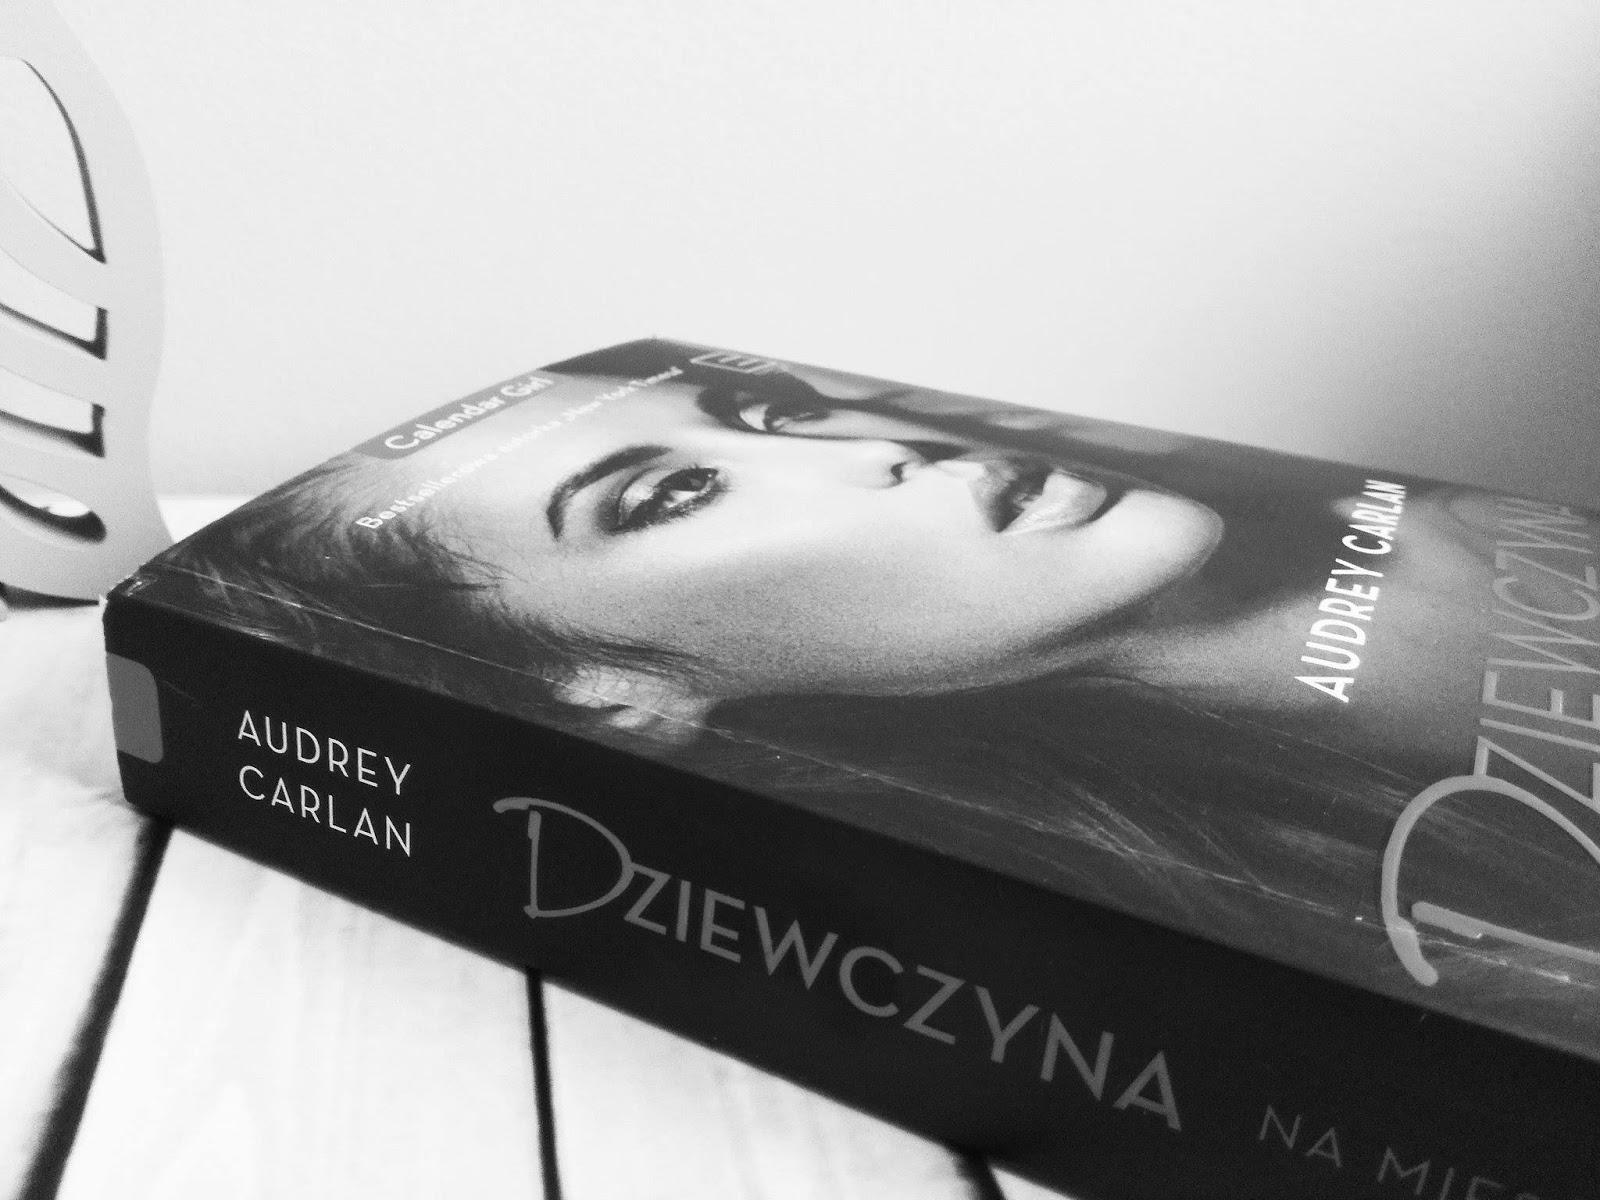 Audrey Carlan Dziewczyna na miesiąc Styczeń - luty - marzec - recenzja